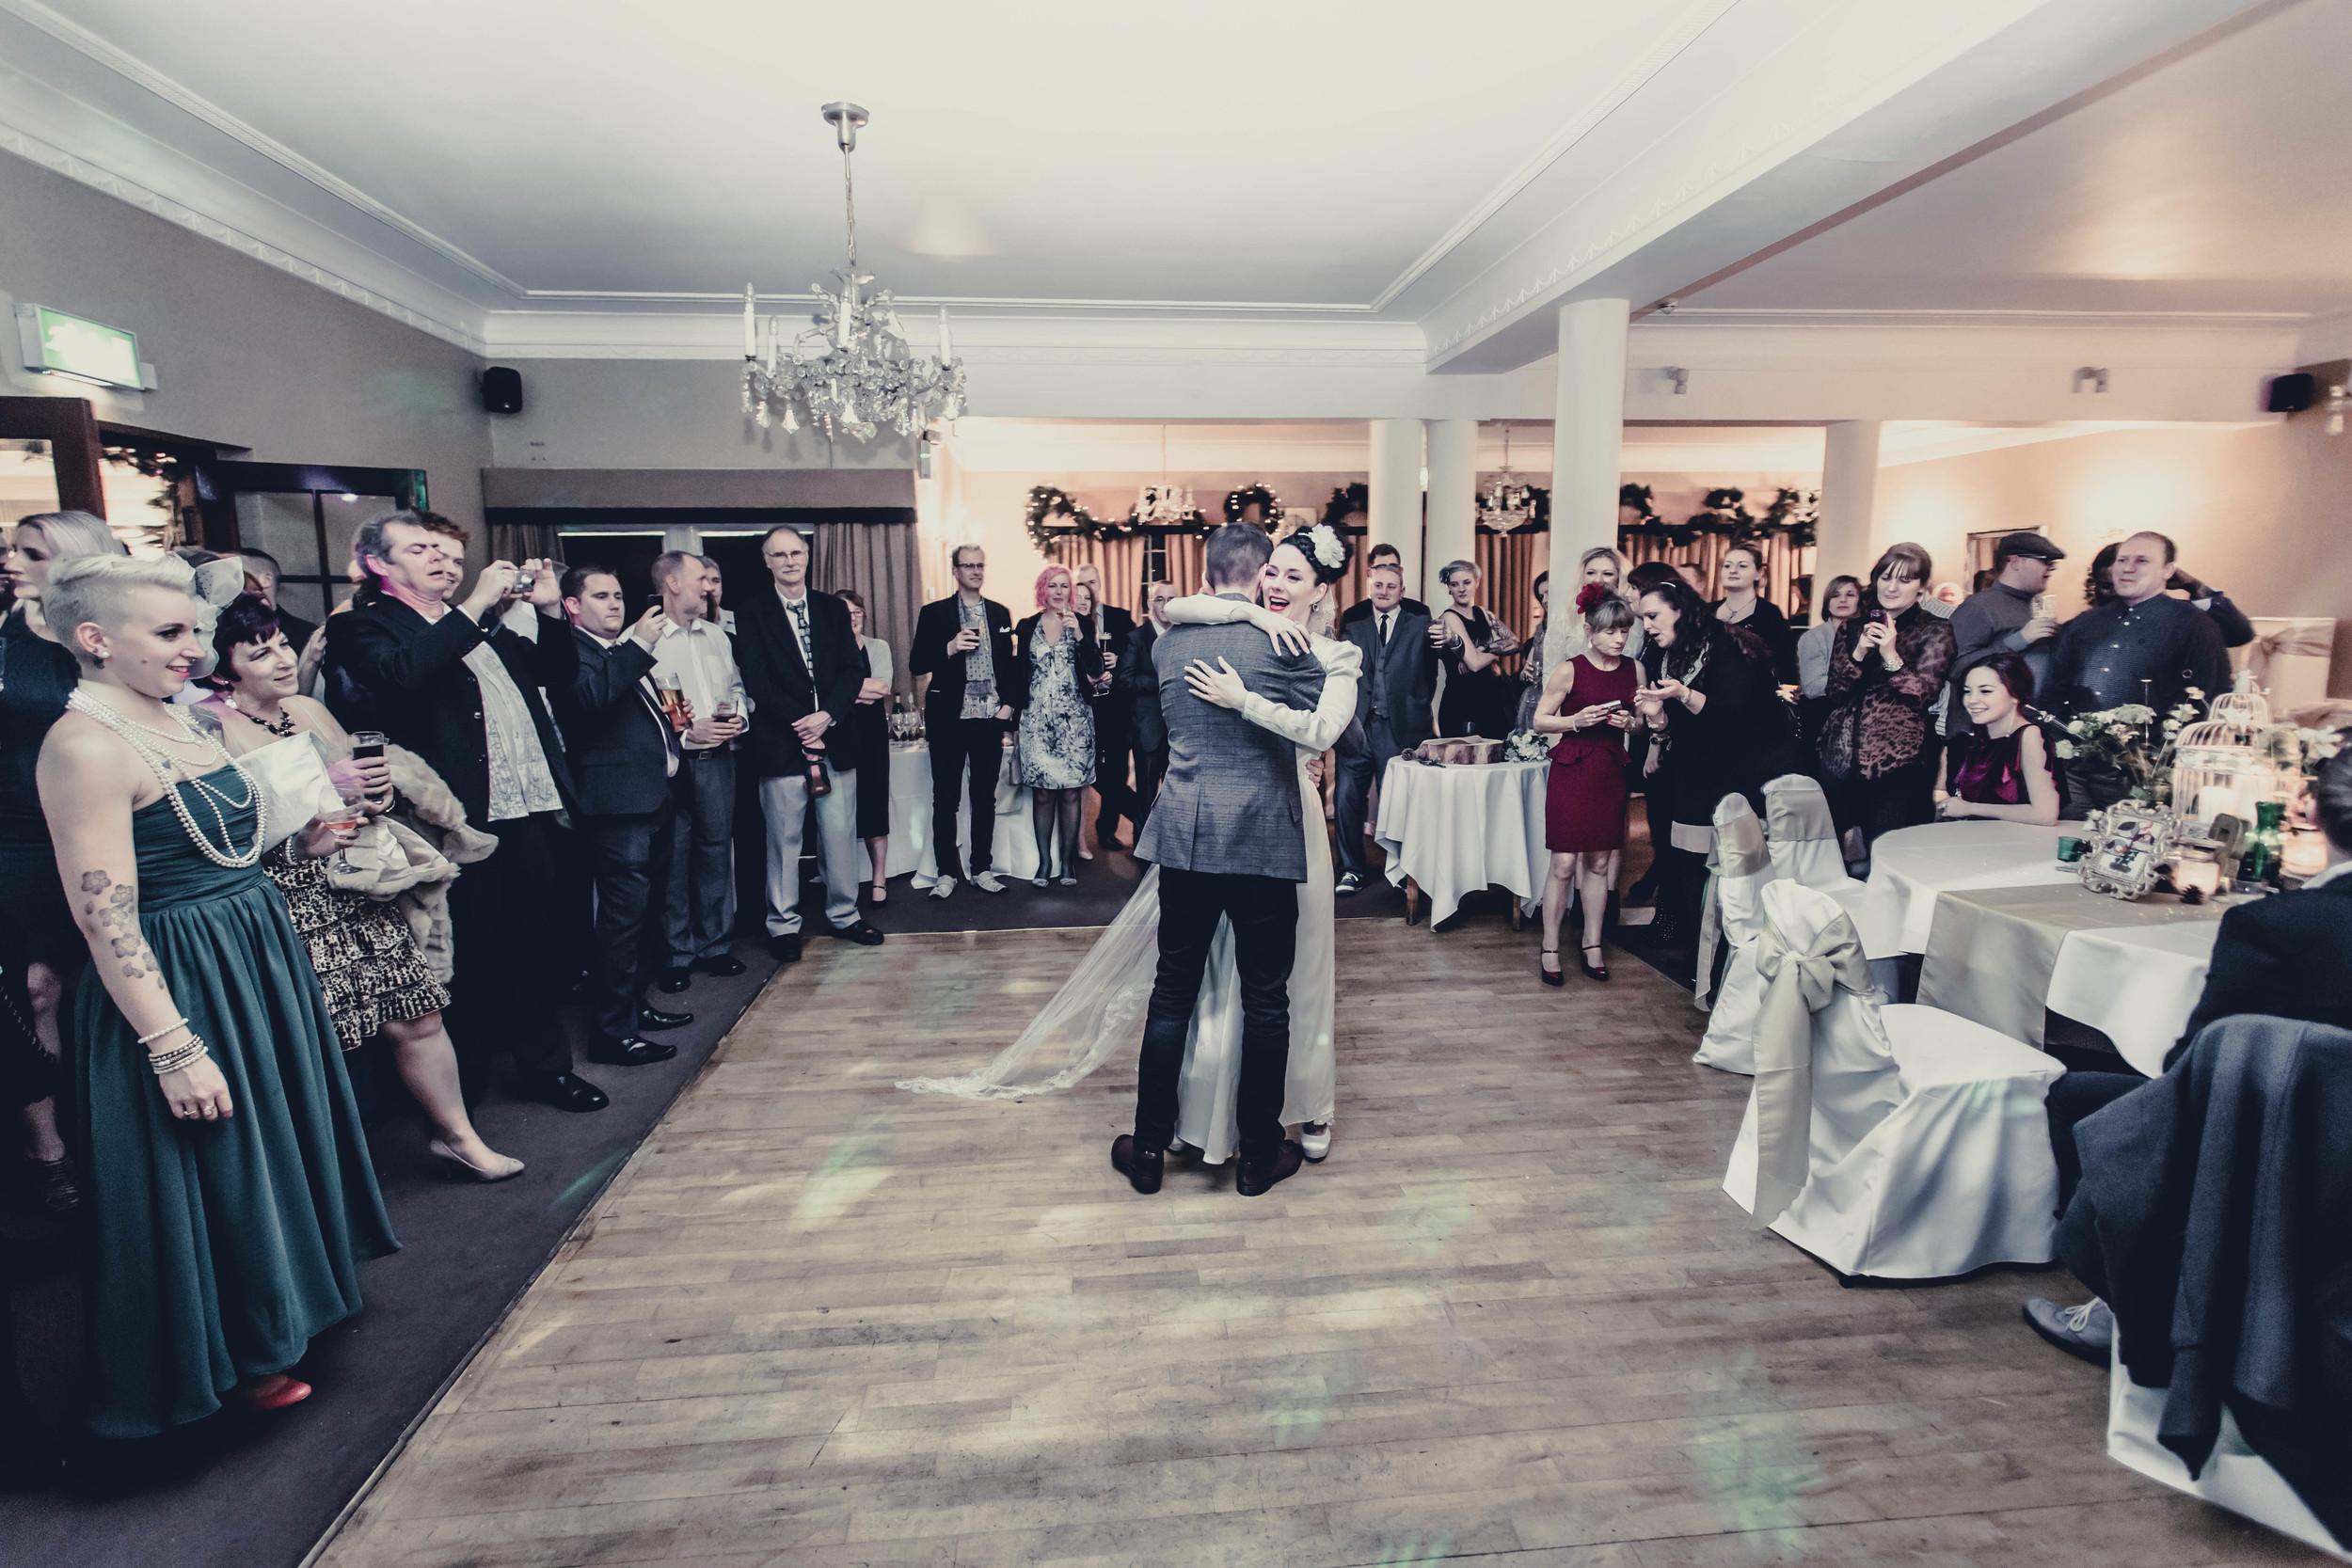 188 - Angela and Karls Wedding by www.markpugh.com -7282.jpg